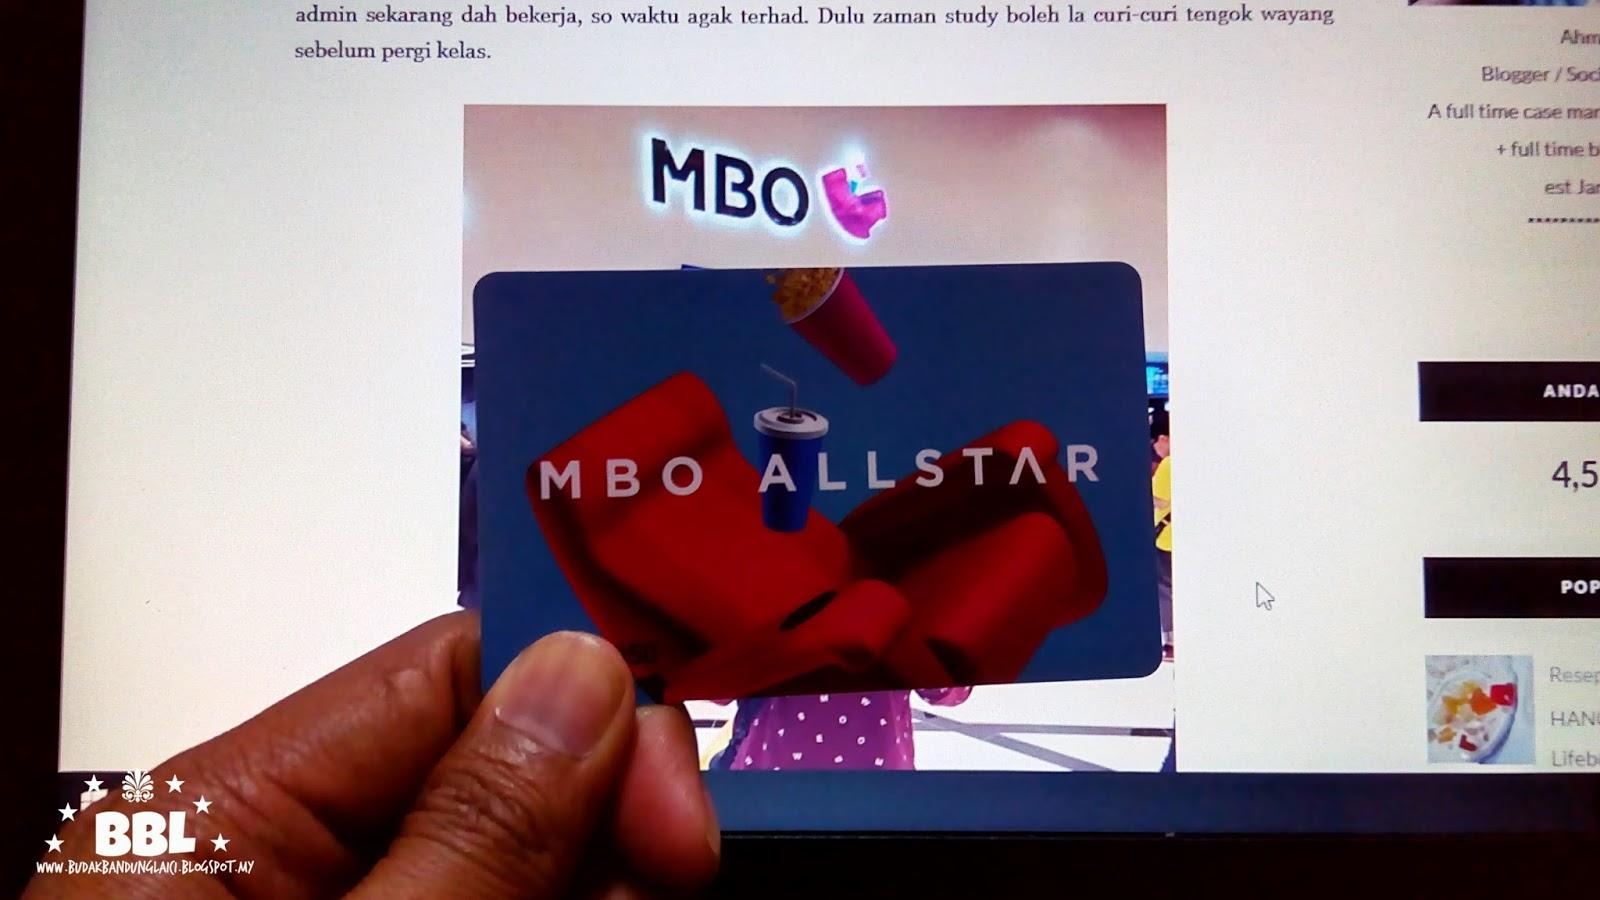 Kelebihan Jadi Mbo Cinema Allstar Membership Budak Bandung Laici